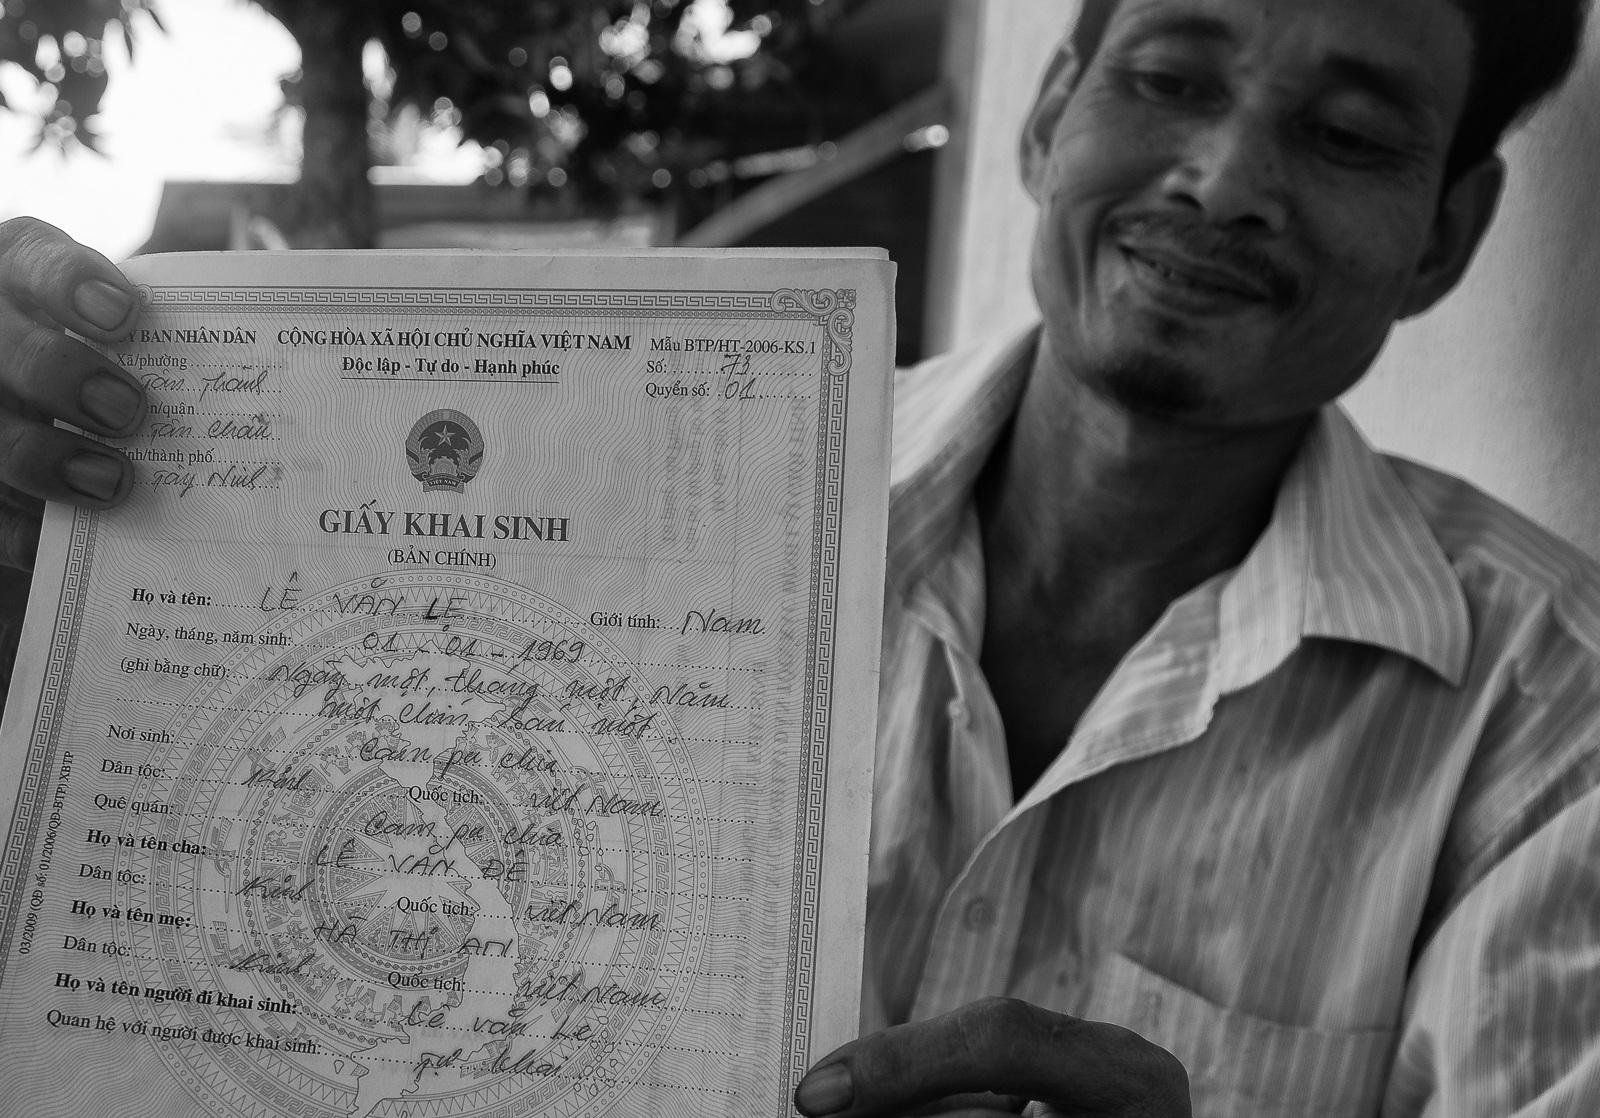 Ông Lê Văn Lẹ, một trong những Việt kiều được chính quyền công nhận quốc tịch Việt Nam. Trong ảnh là tờ giấy khai sinh ông vừa được cấp, phần quê quán ghi: Campuchia, phần quốc tịch ghi Việt Nam. Nhờ tờ giấy này, ông làm được CMND, hộ khẩu, các con được đi học, đi làm. Đến nay ông đã xây được nhà đàng hoàng.